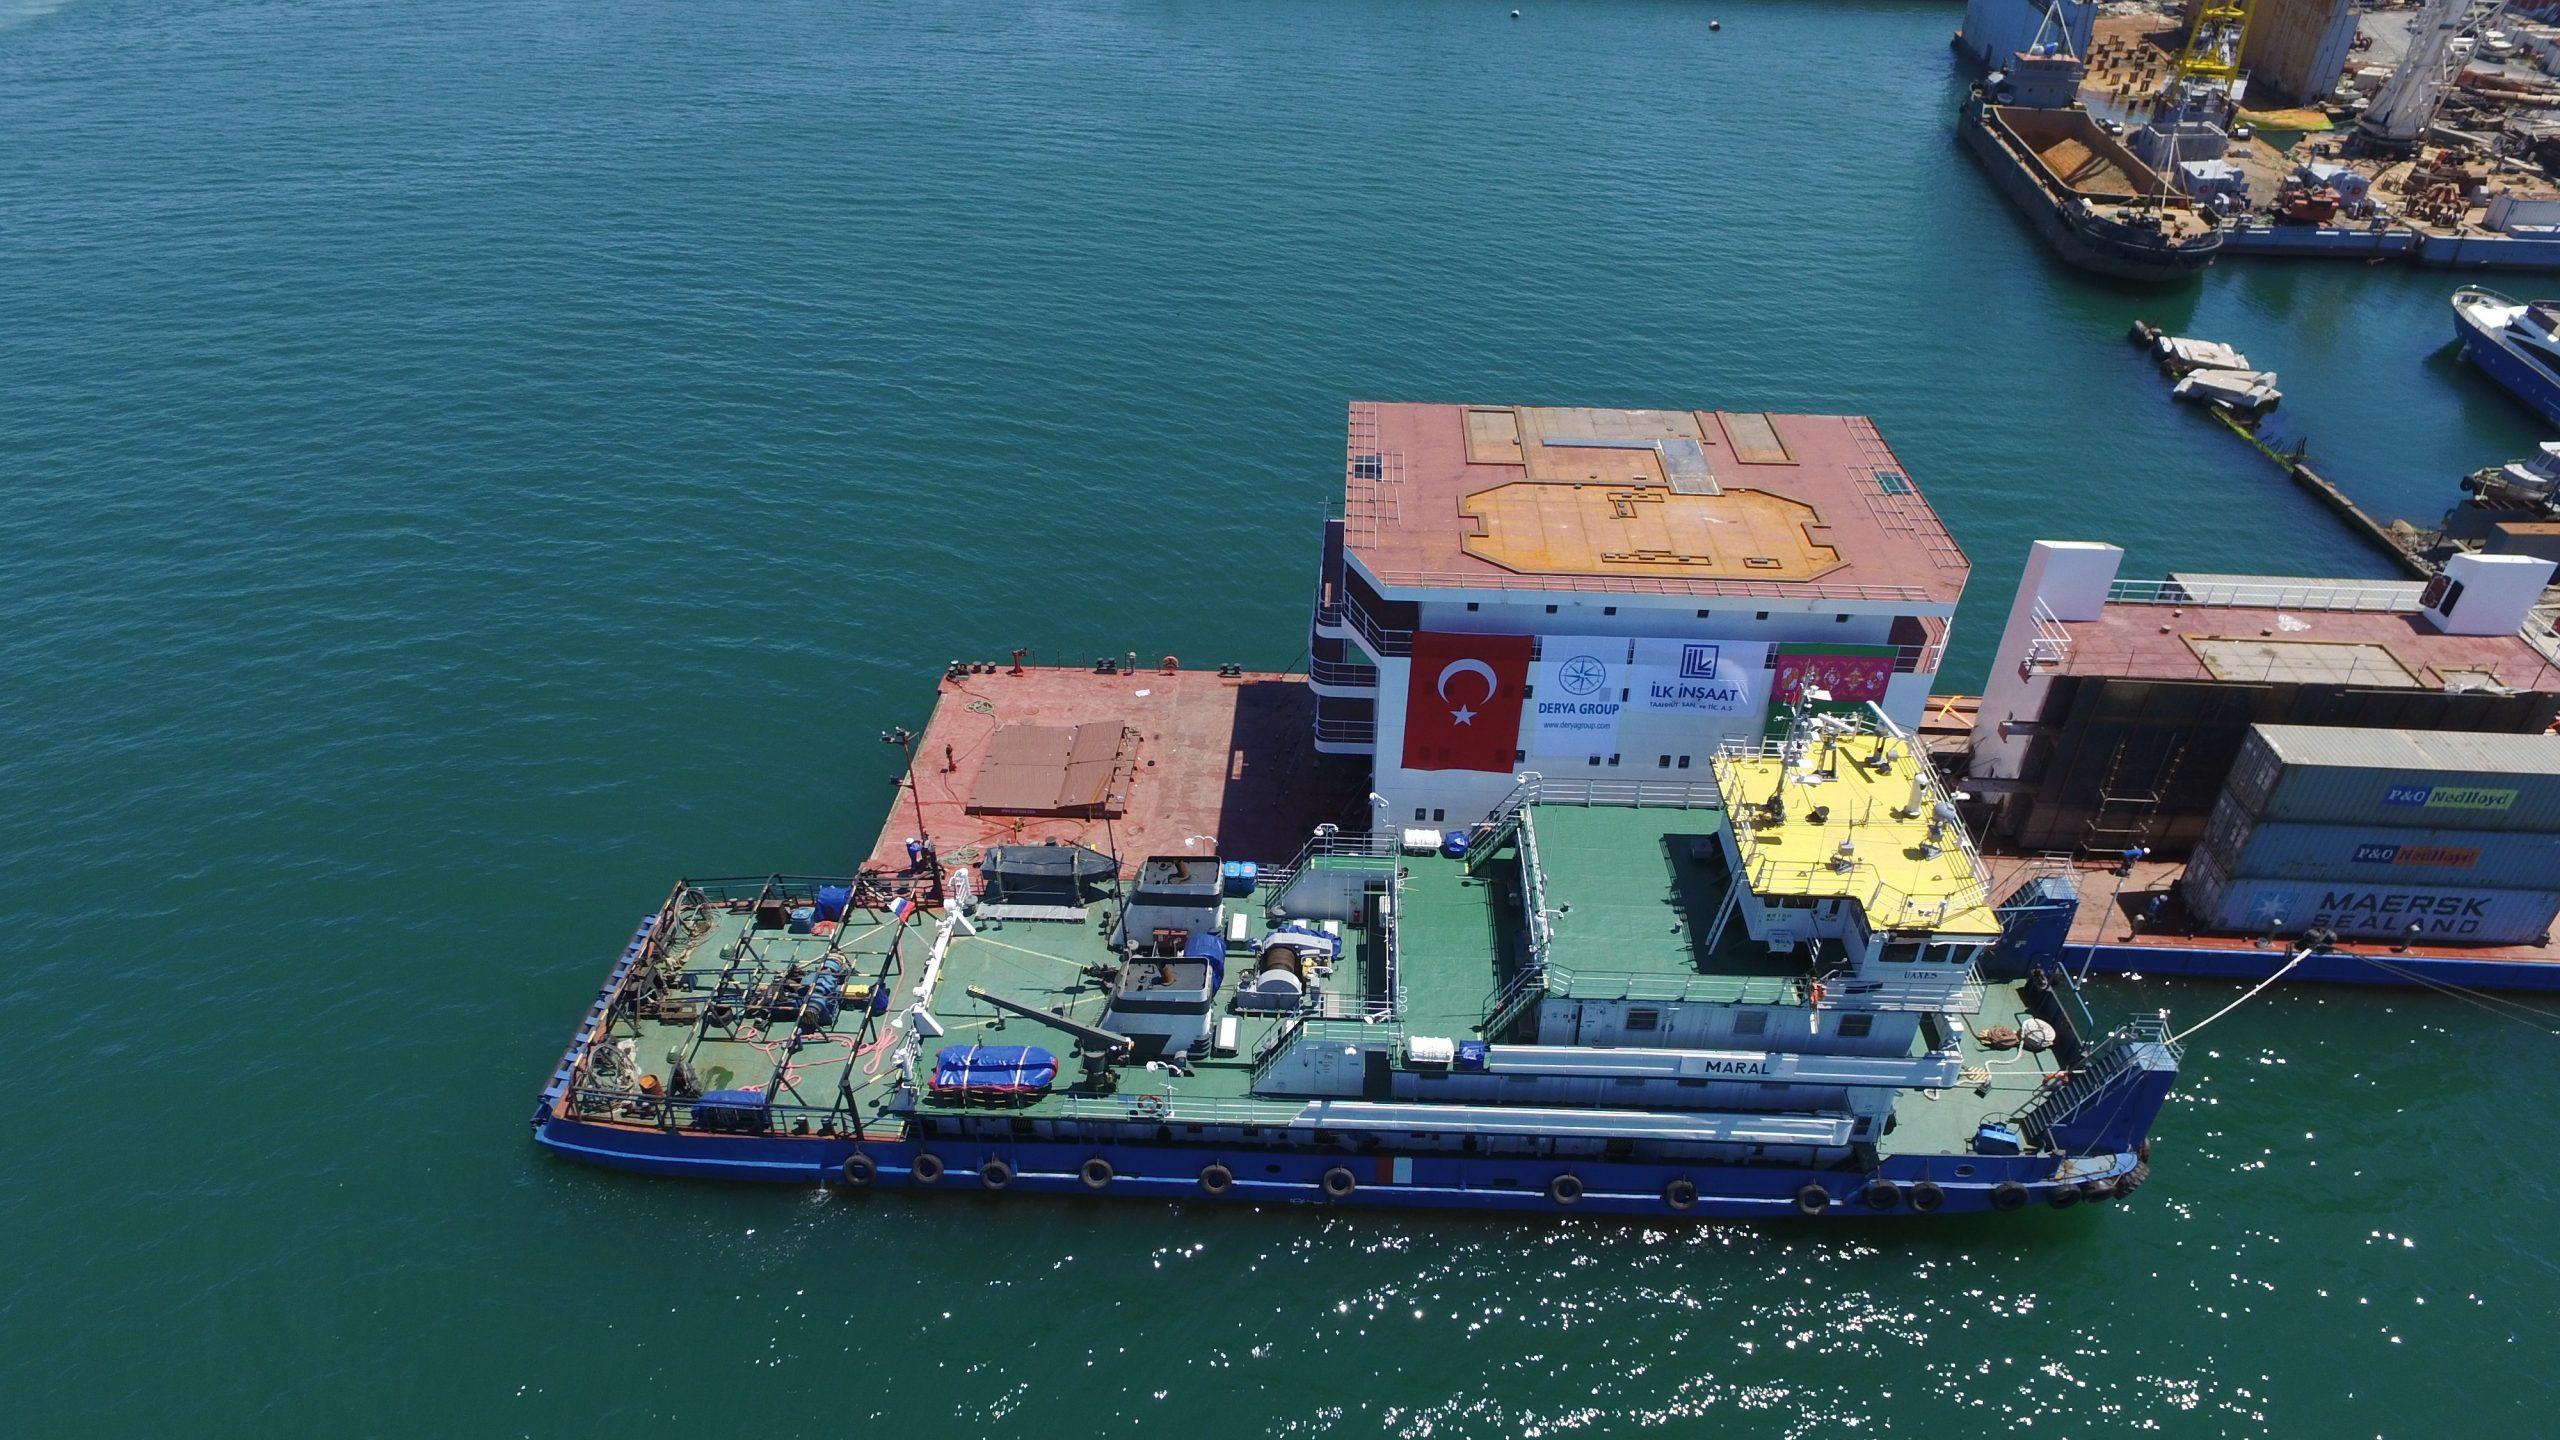 m/v Captain Lychkin – SP239 Accommodation Block Construction Project